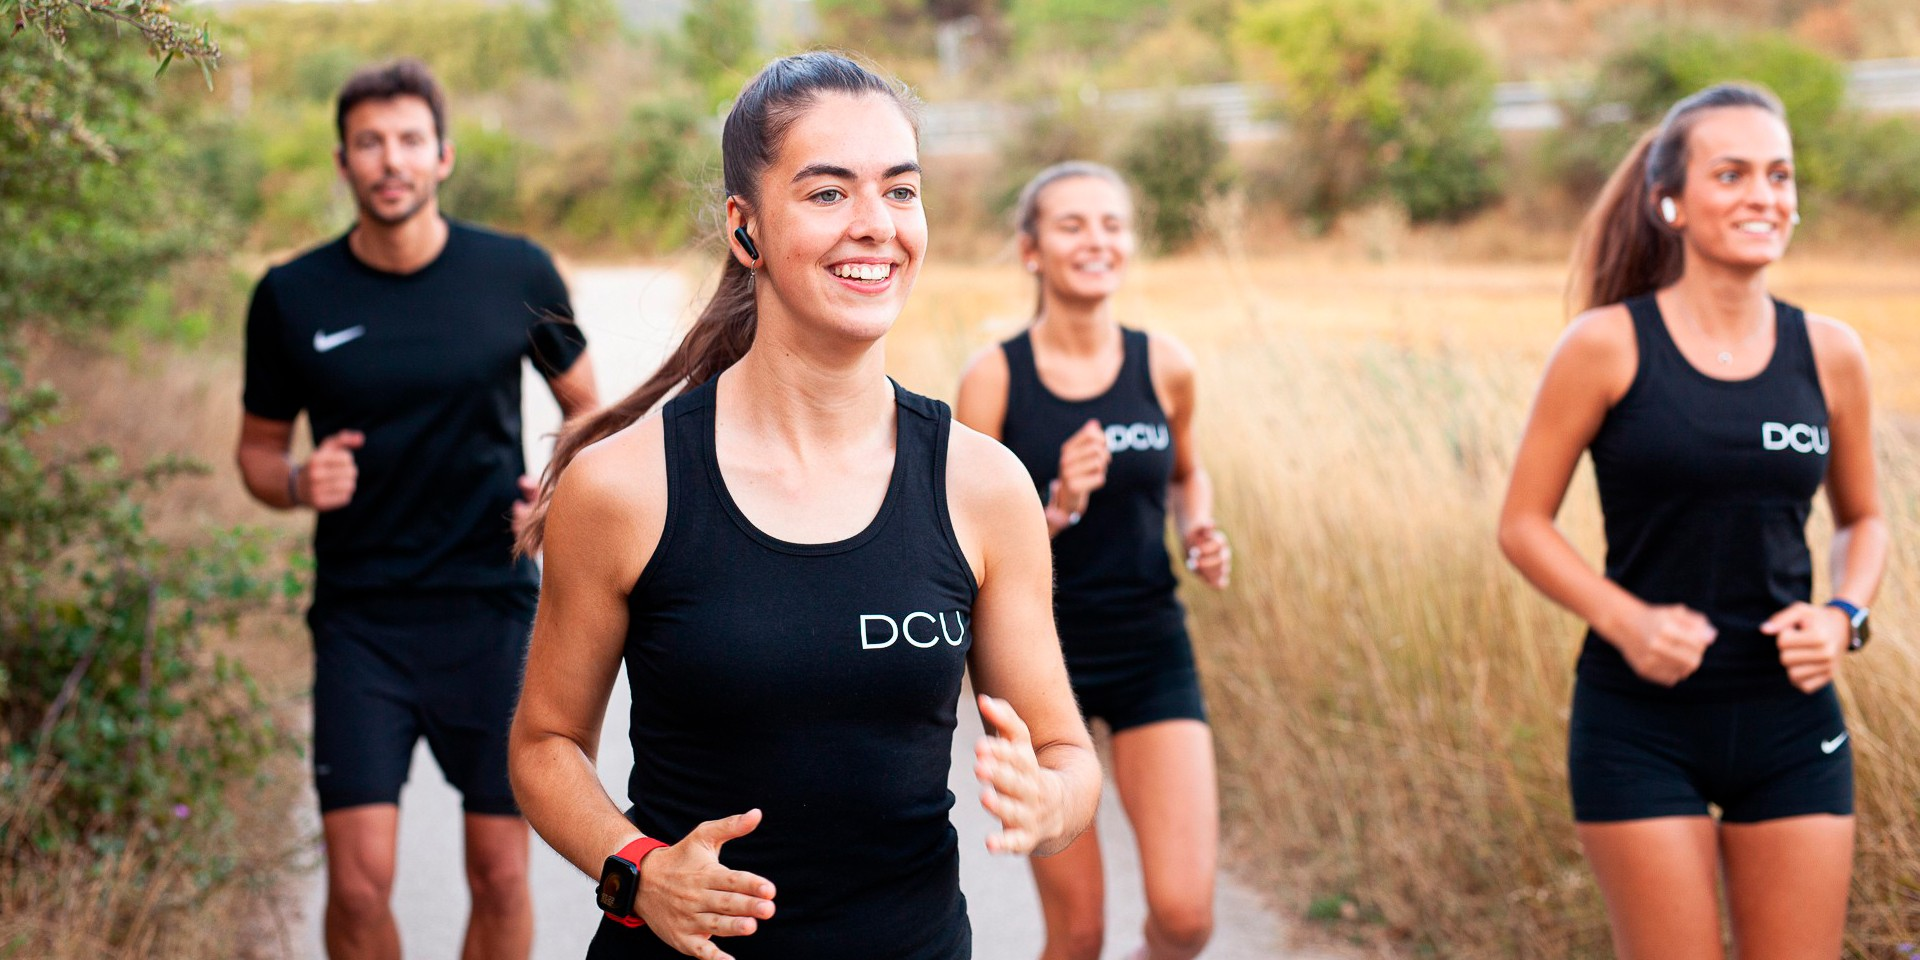 DCU entrenamientos personalizados